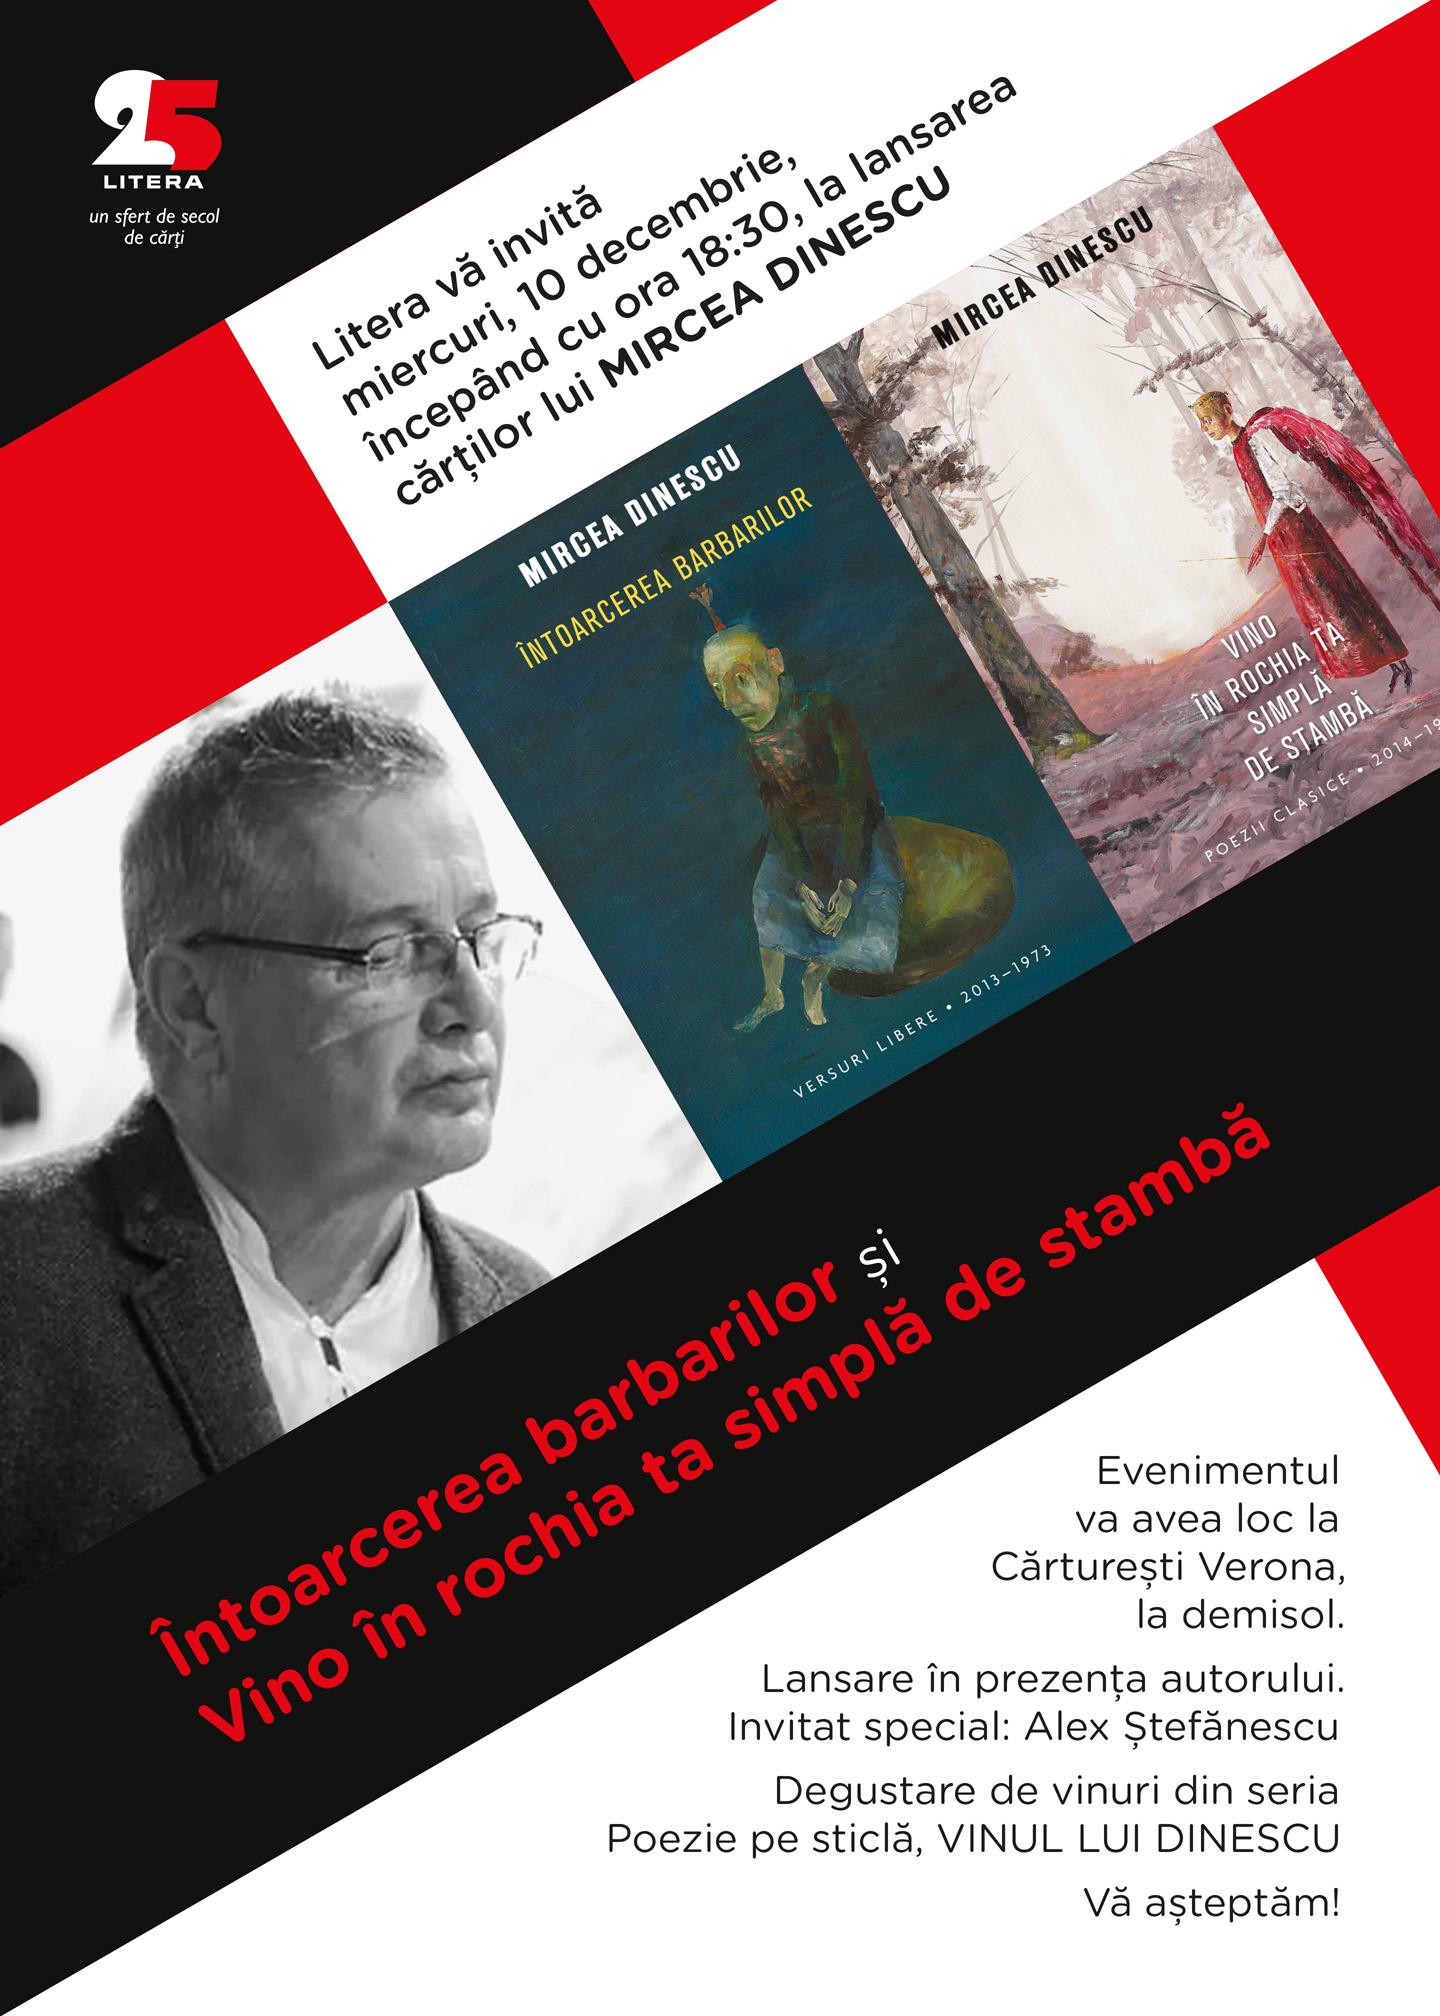 Lansare Mircea Dinescu la Cărturești Verona